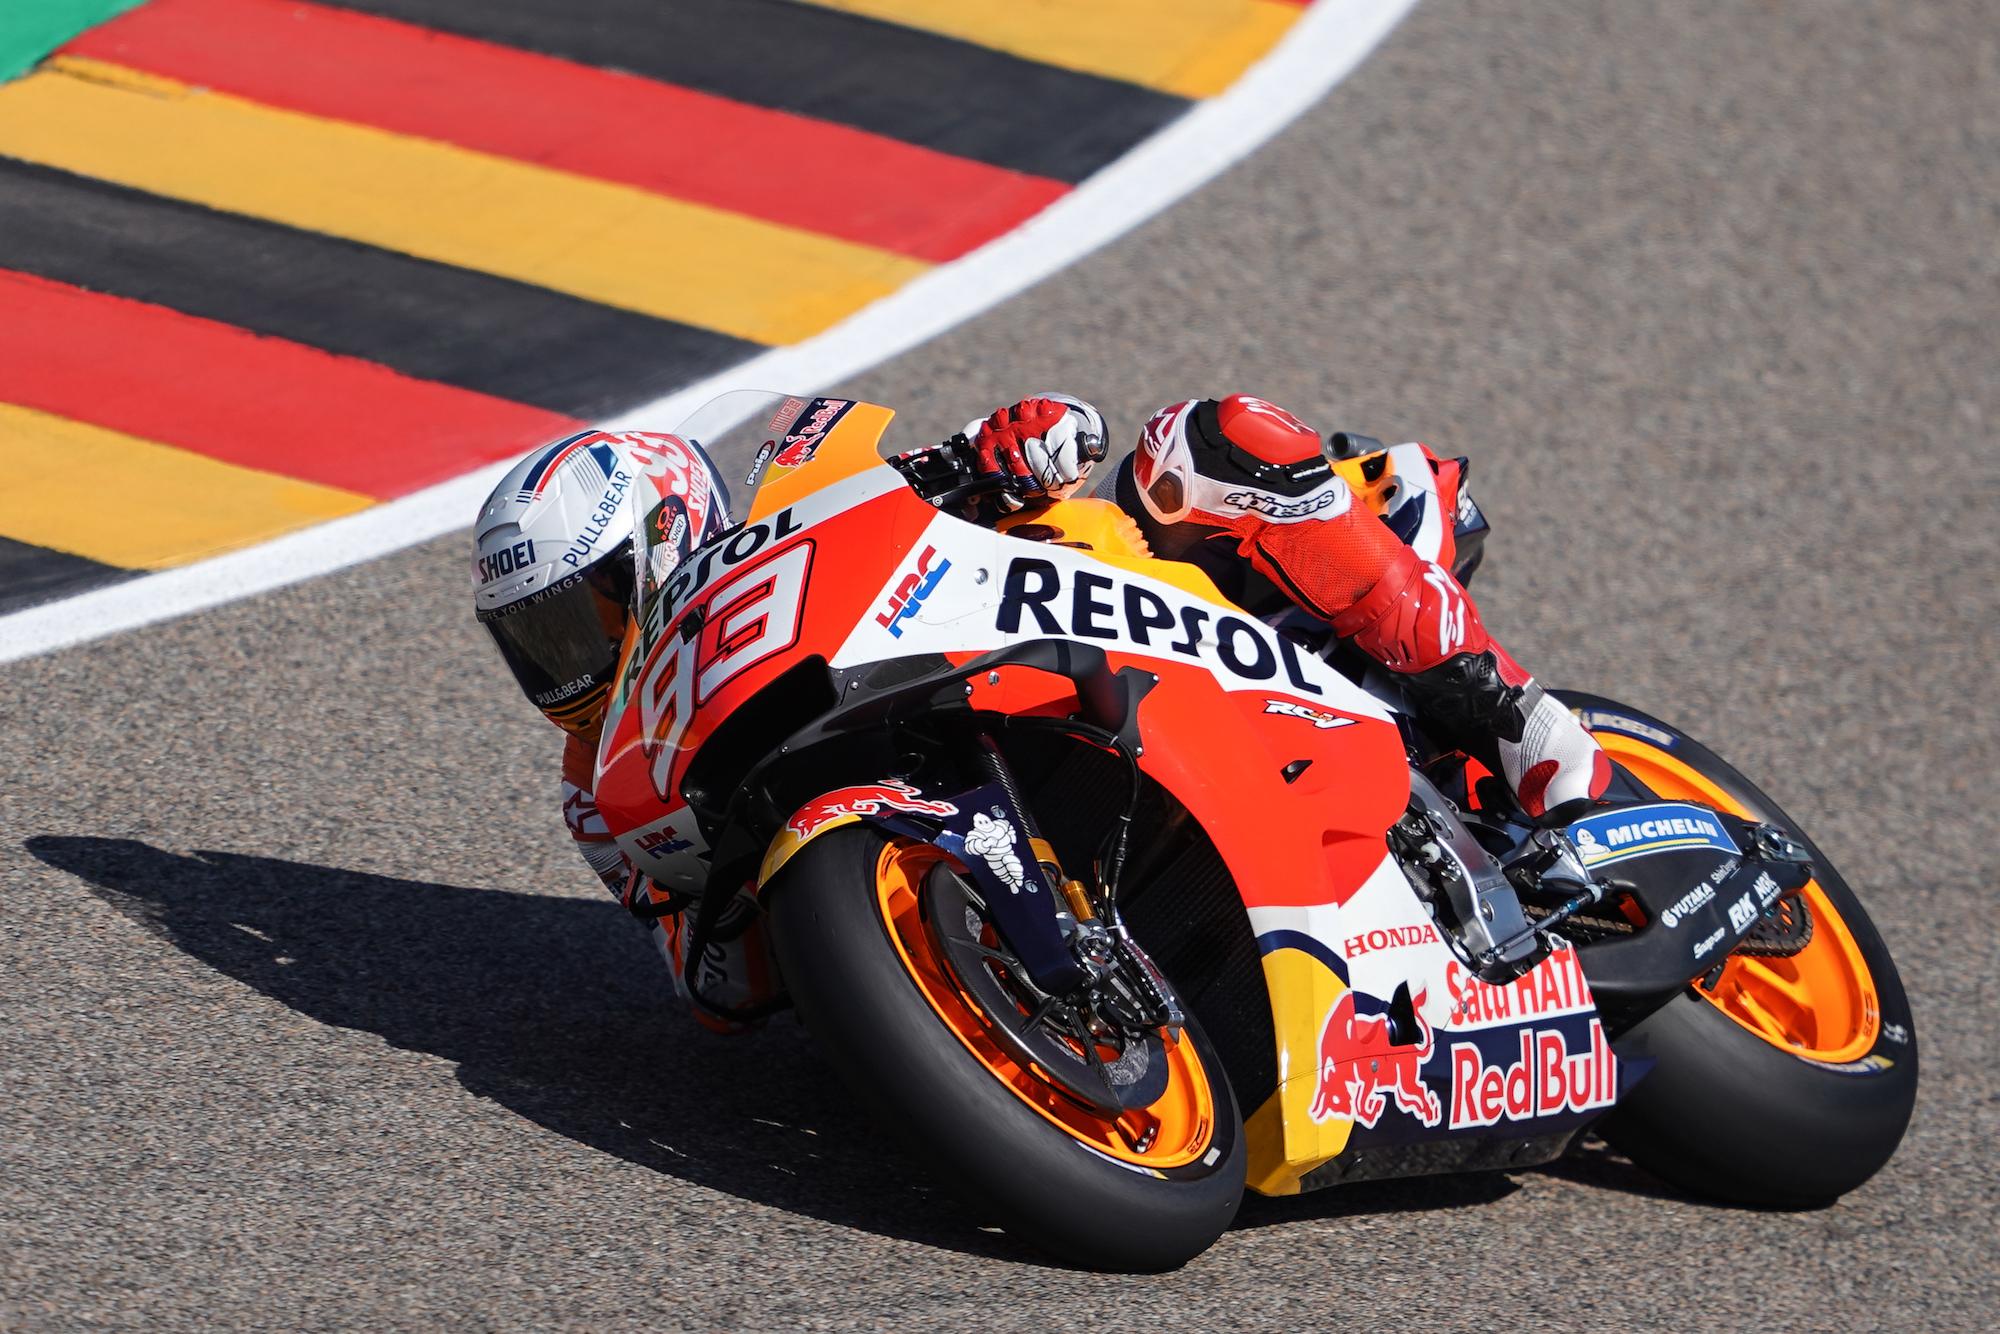 Marc Marquez szybko objął prowadzenie w GP Niemiec